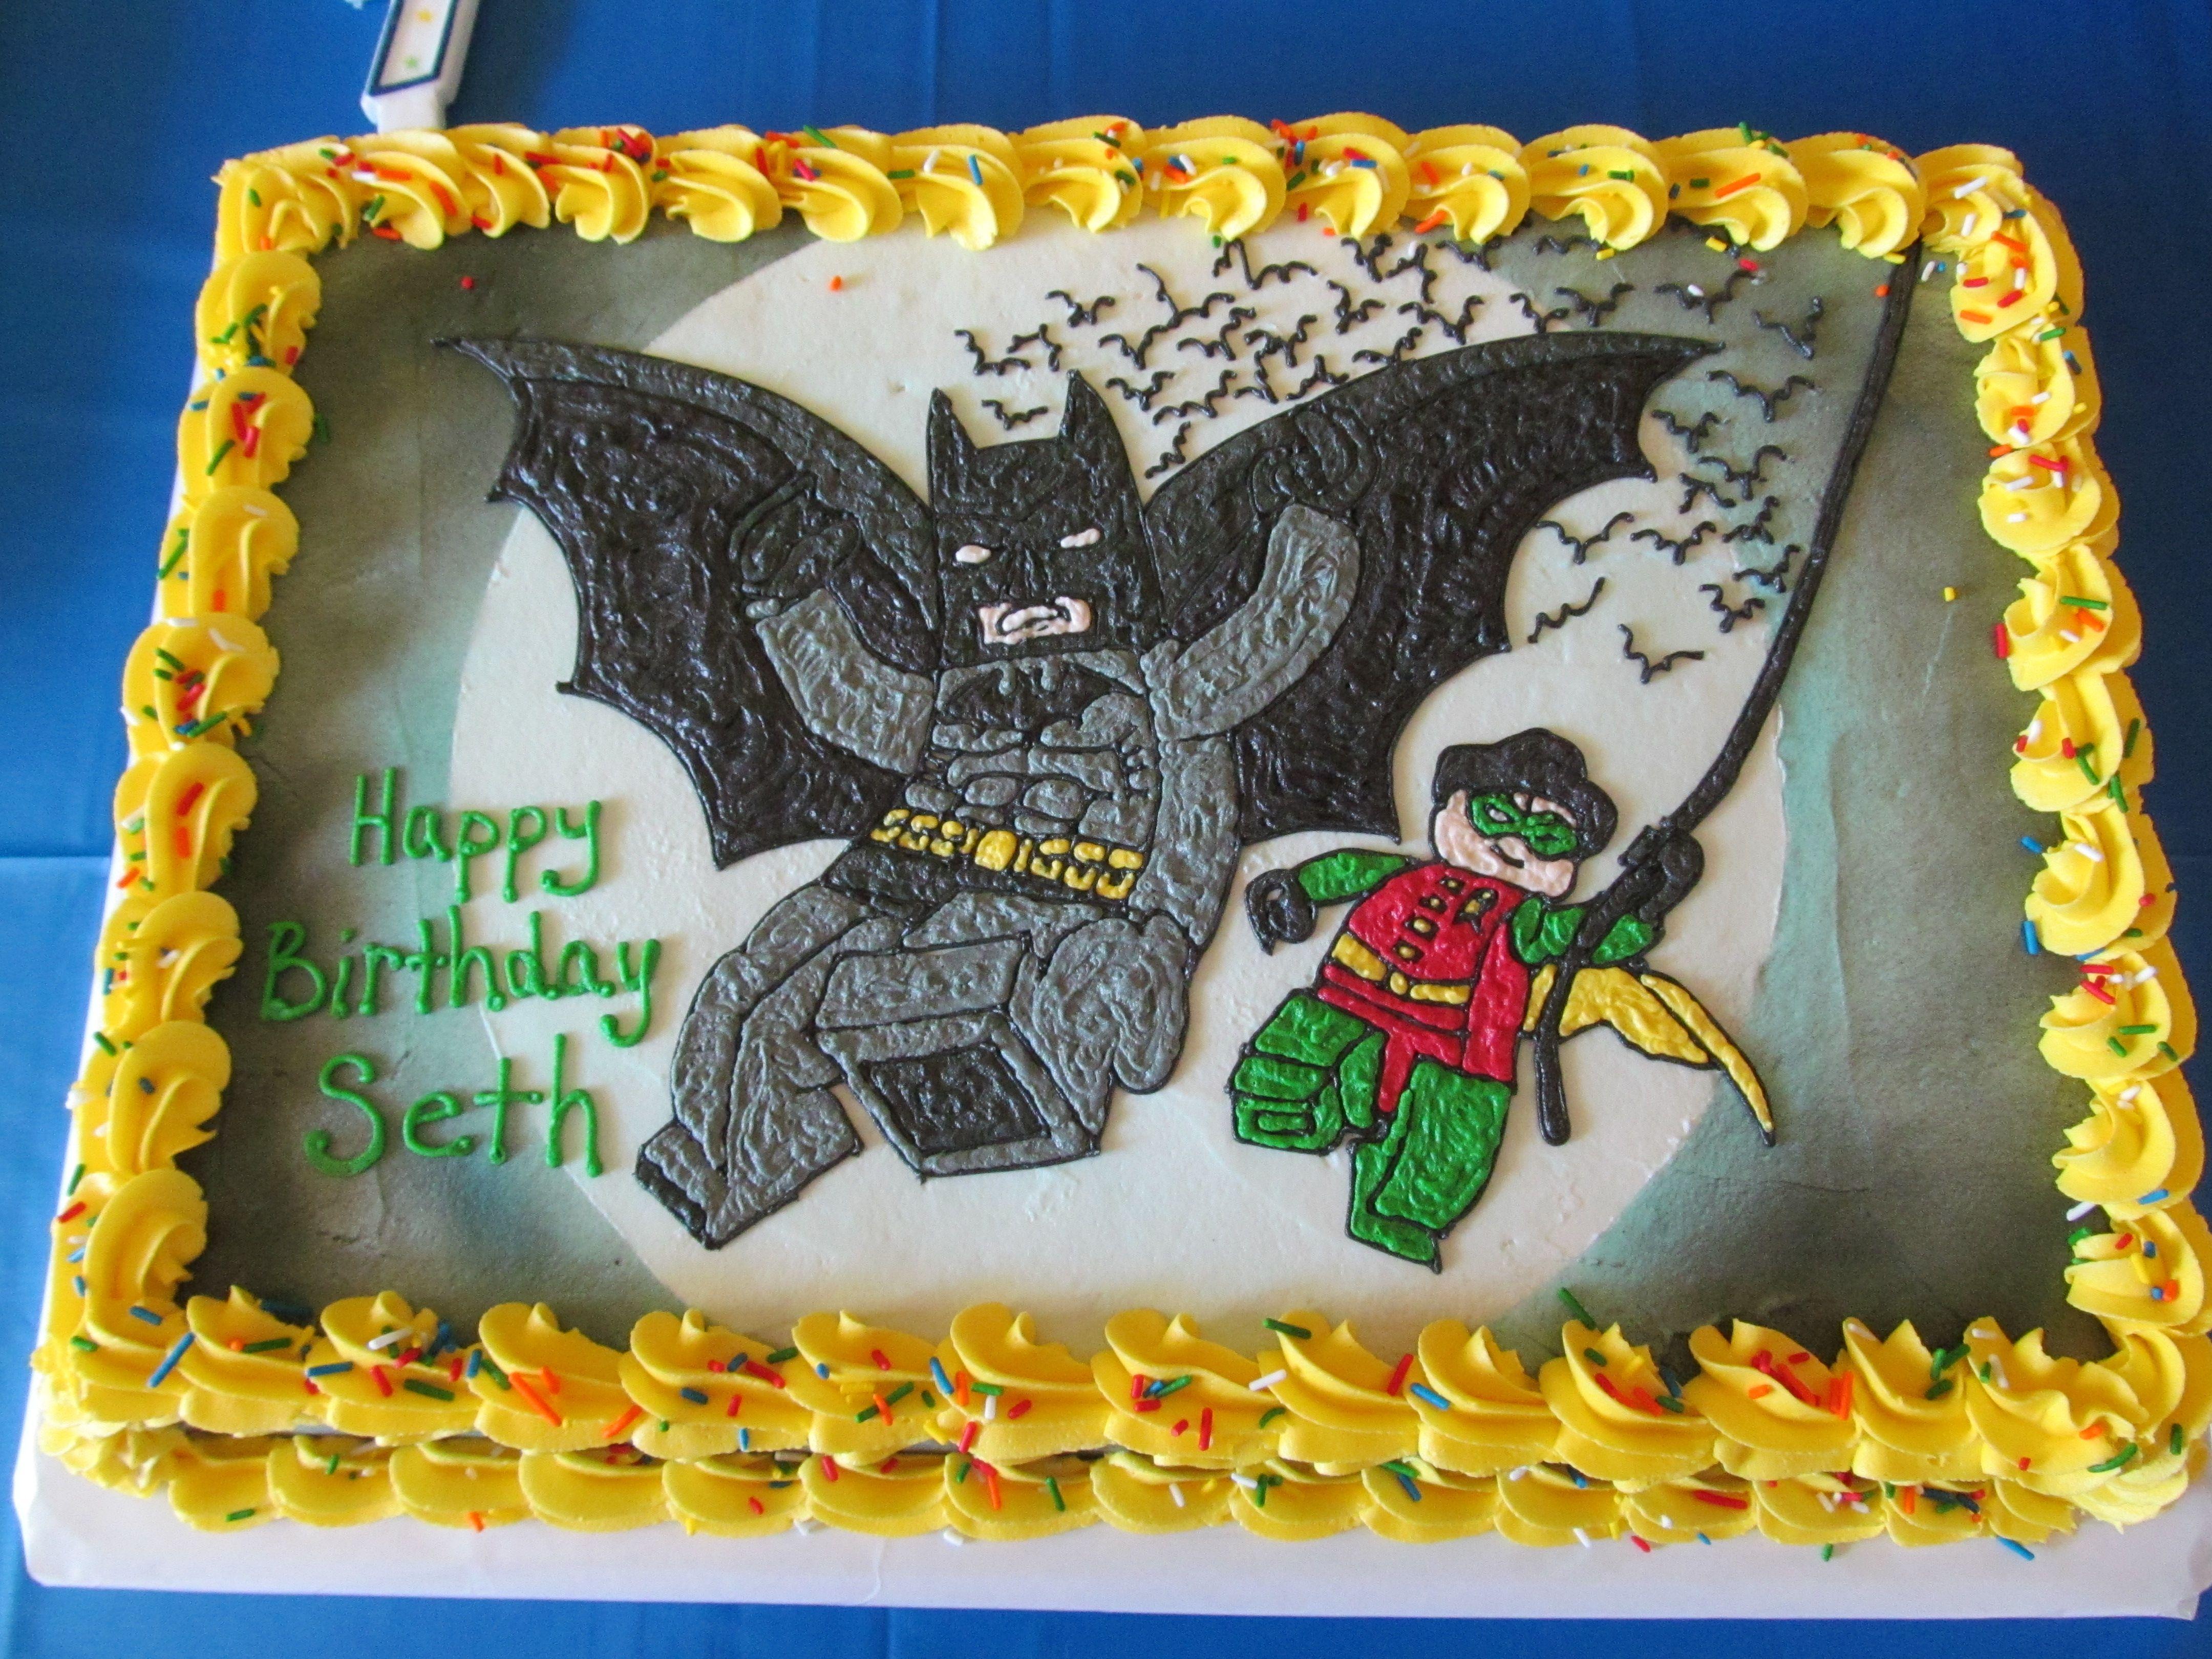 1000 ideas about superman cakes on pinterest batman cakes - Lego Batman Cake